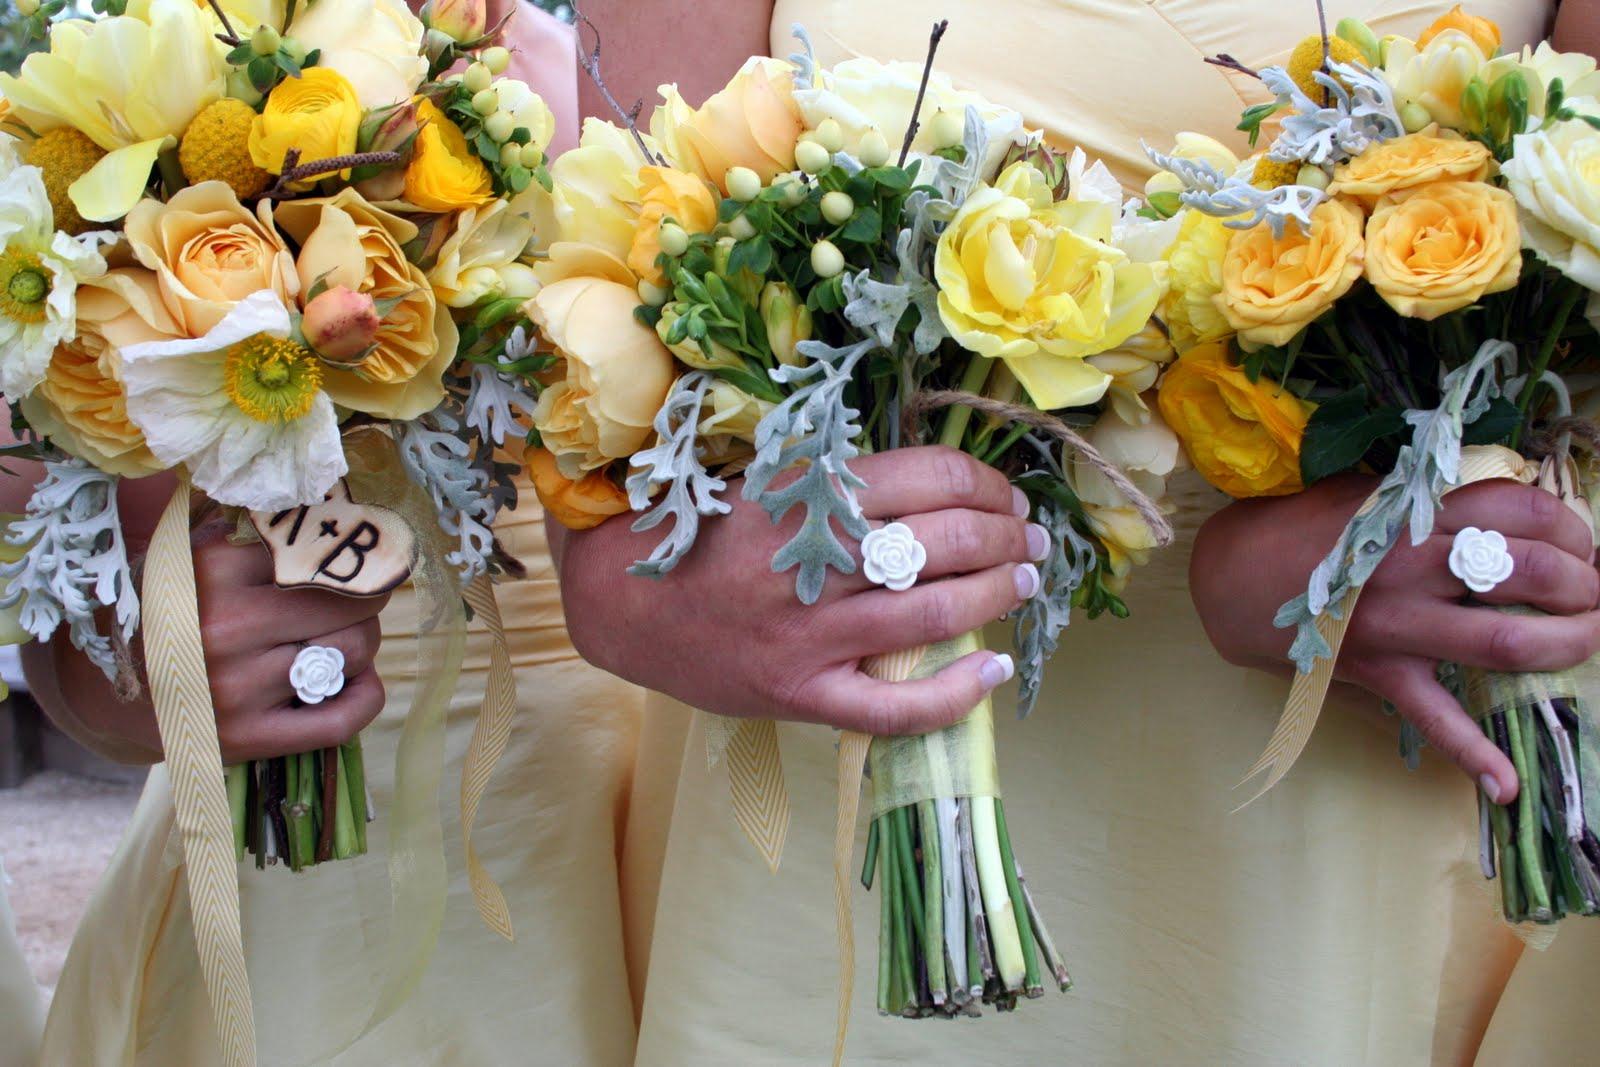 Cute diy wedding ideas rustic for Cute video ideas